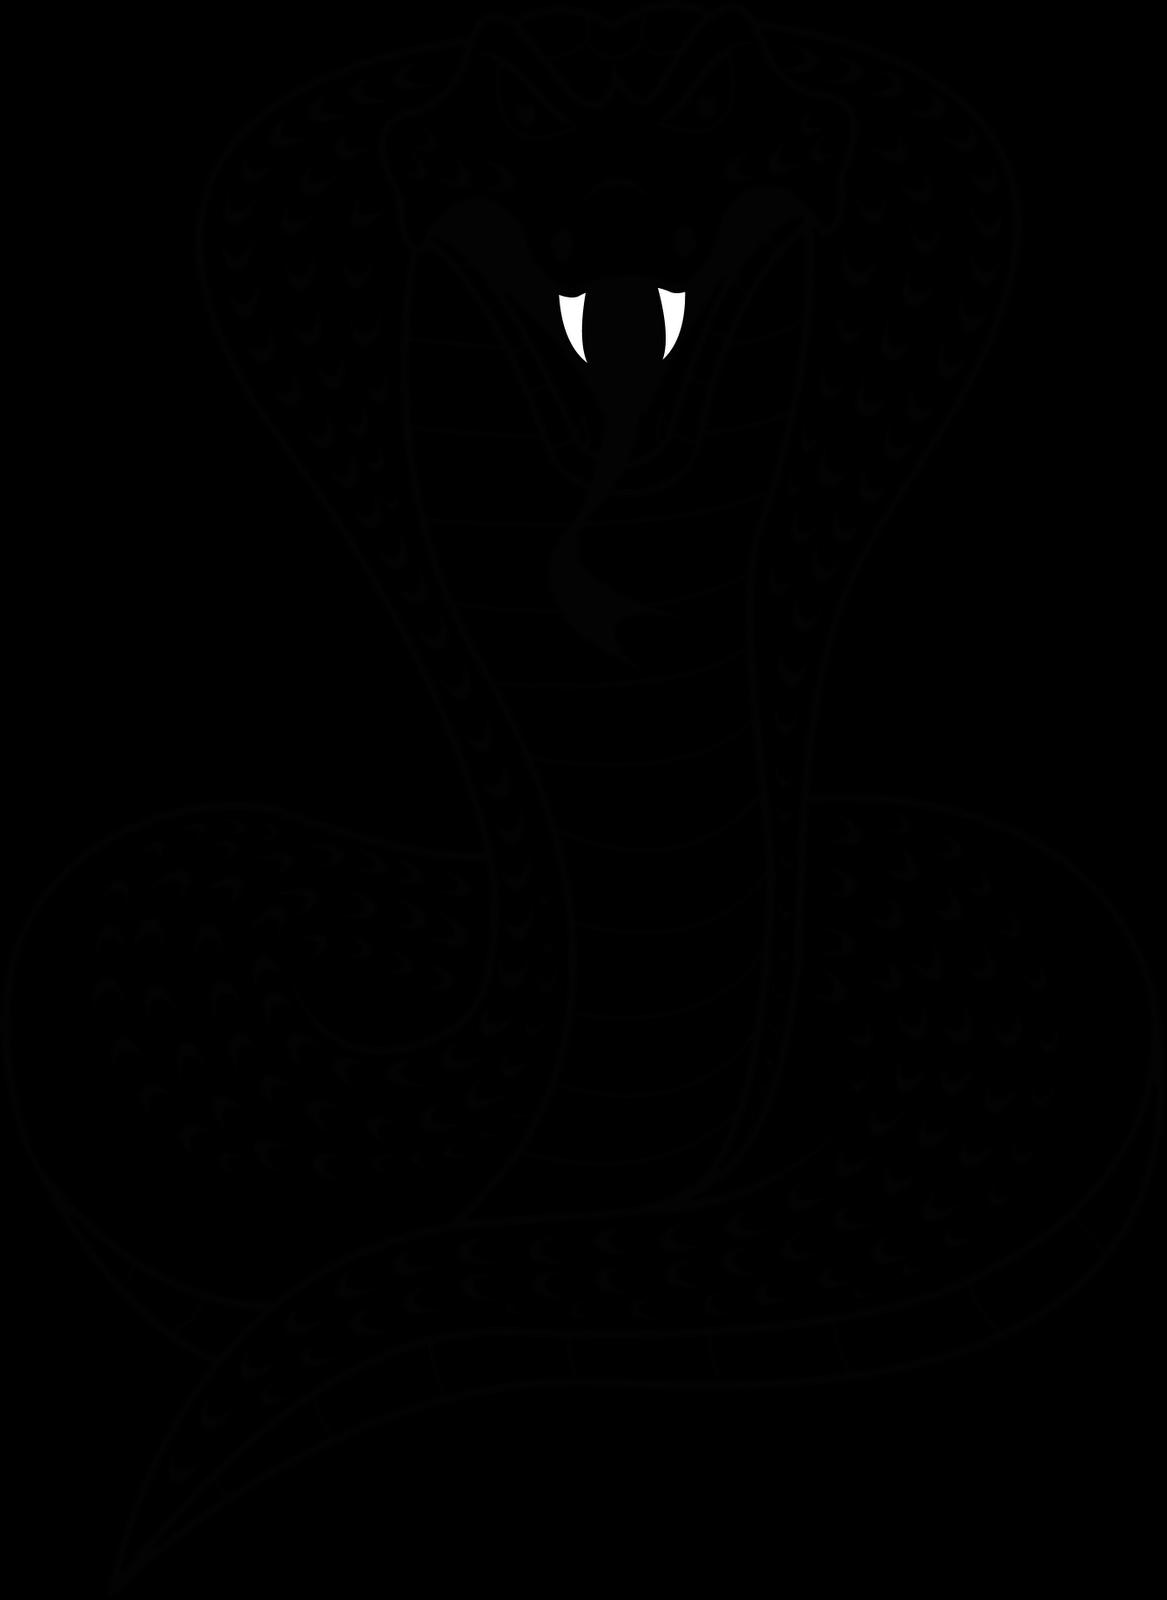 Imagens Png Cobras 2013 Para Calendarios Calend 225 Rios